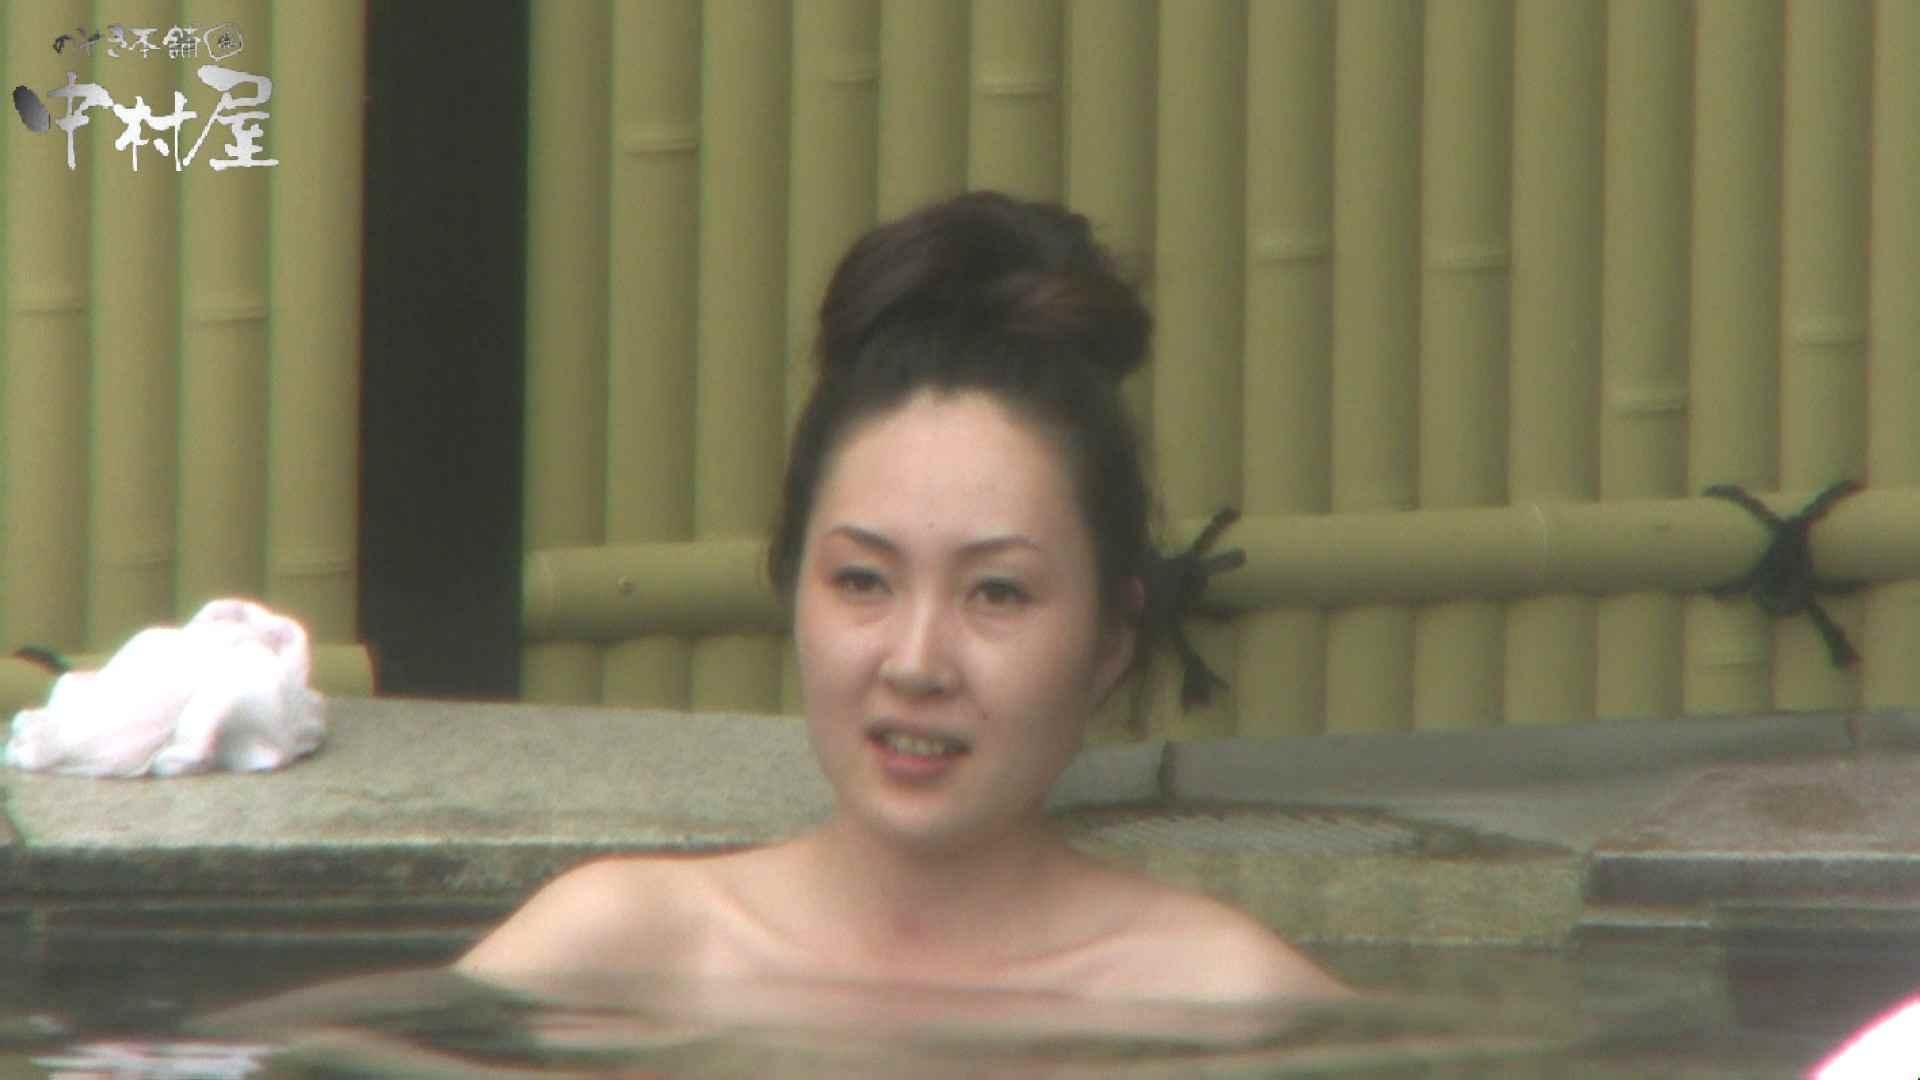 Aquaな露天風呂Vol.956 露天風呂 | 盗撮動画  10枚 3